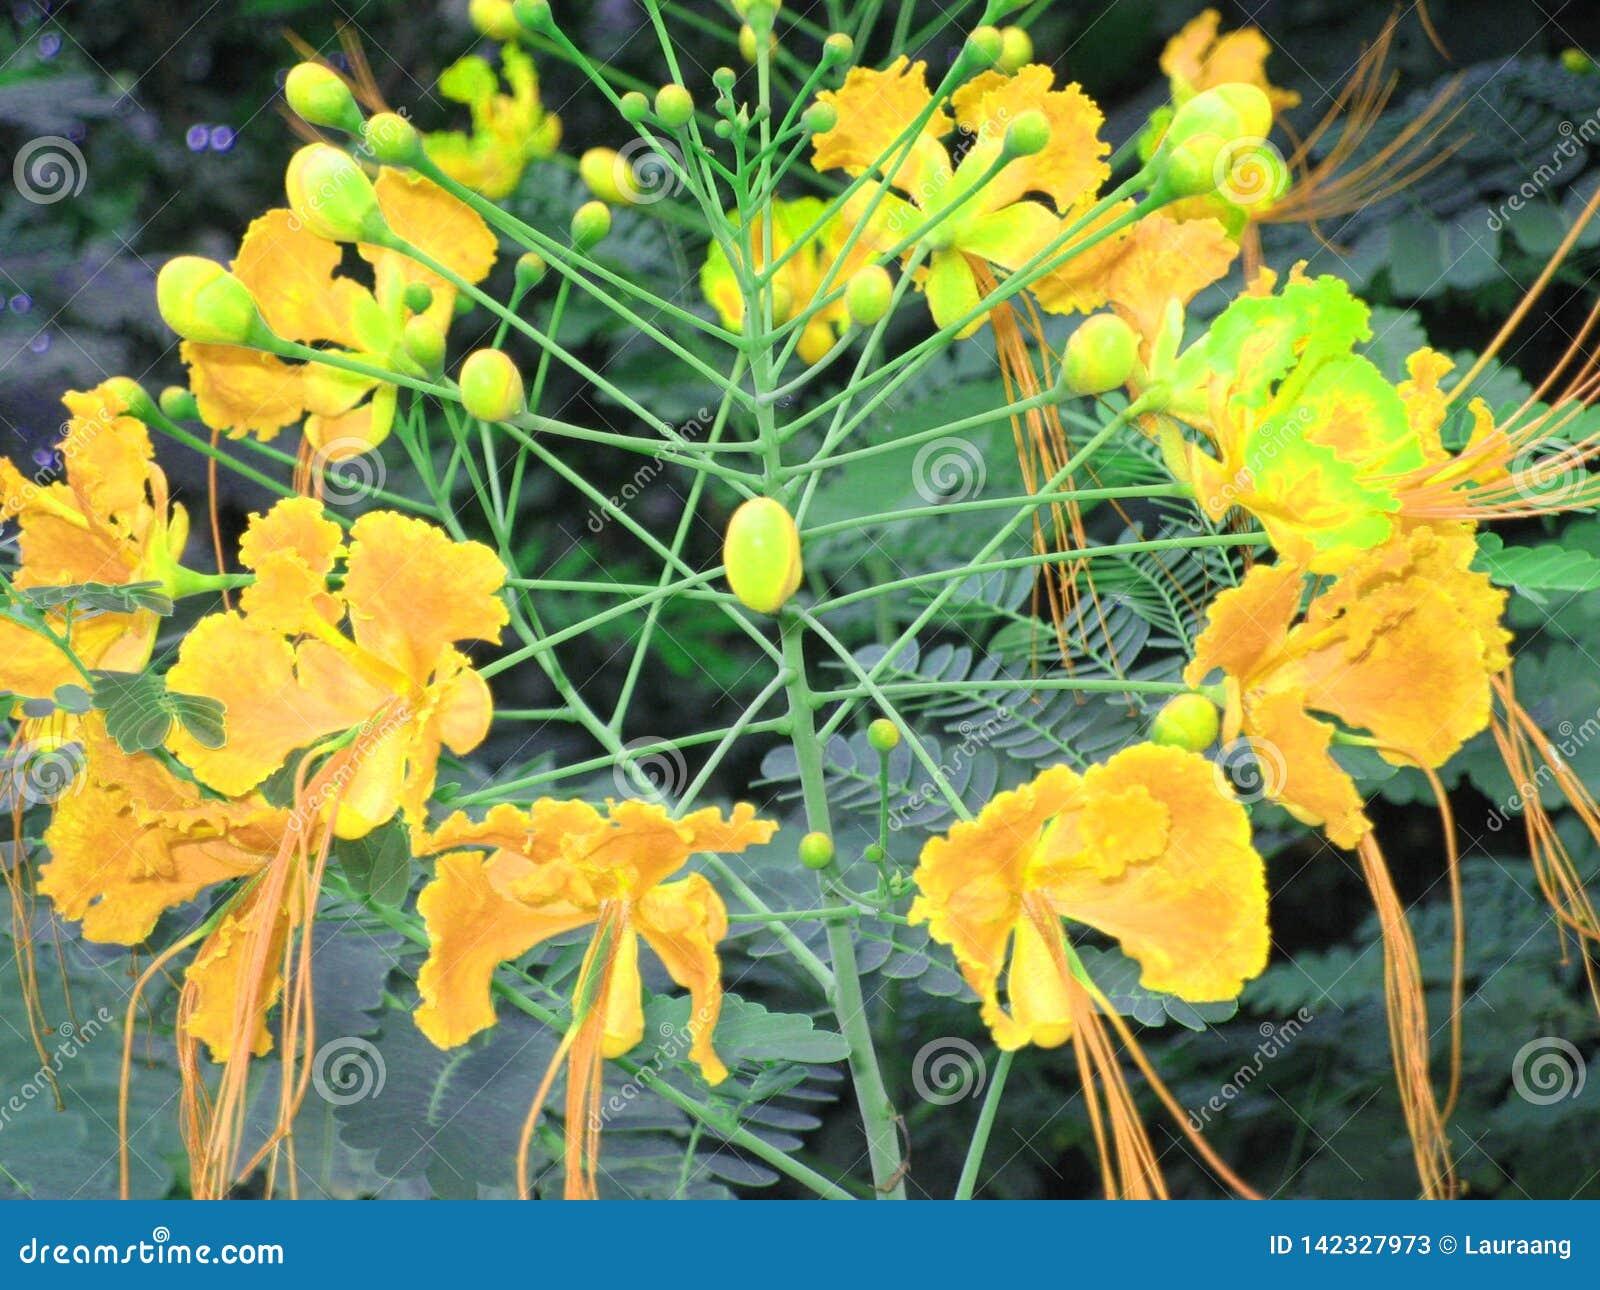 La bellezza della natura messicana - gialla